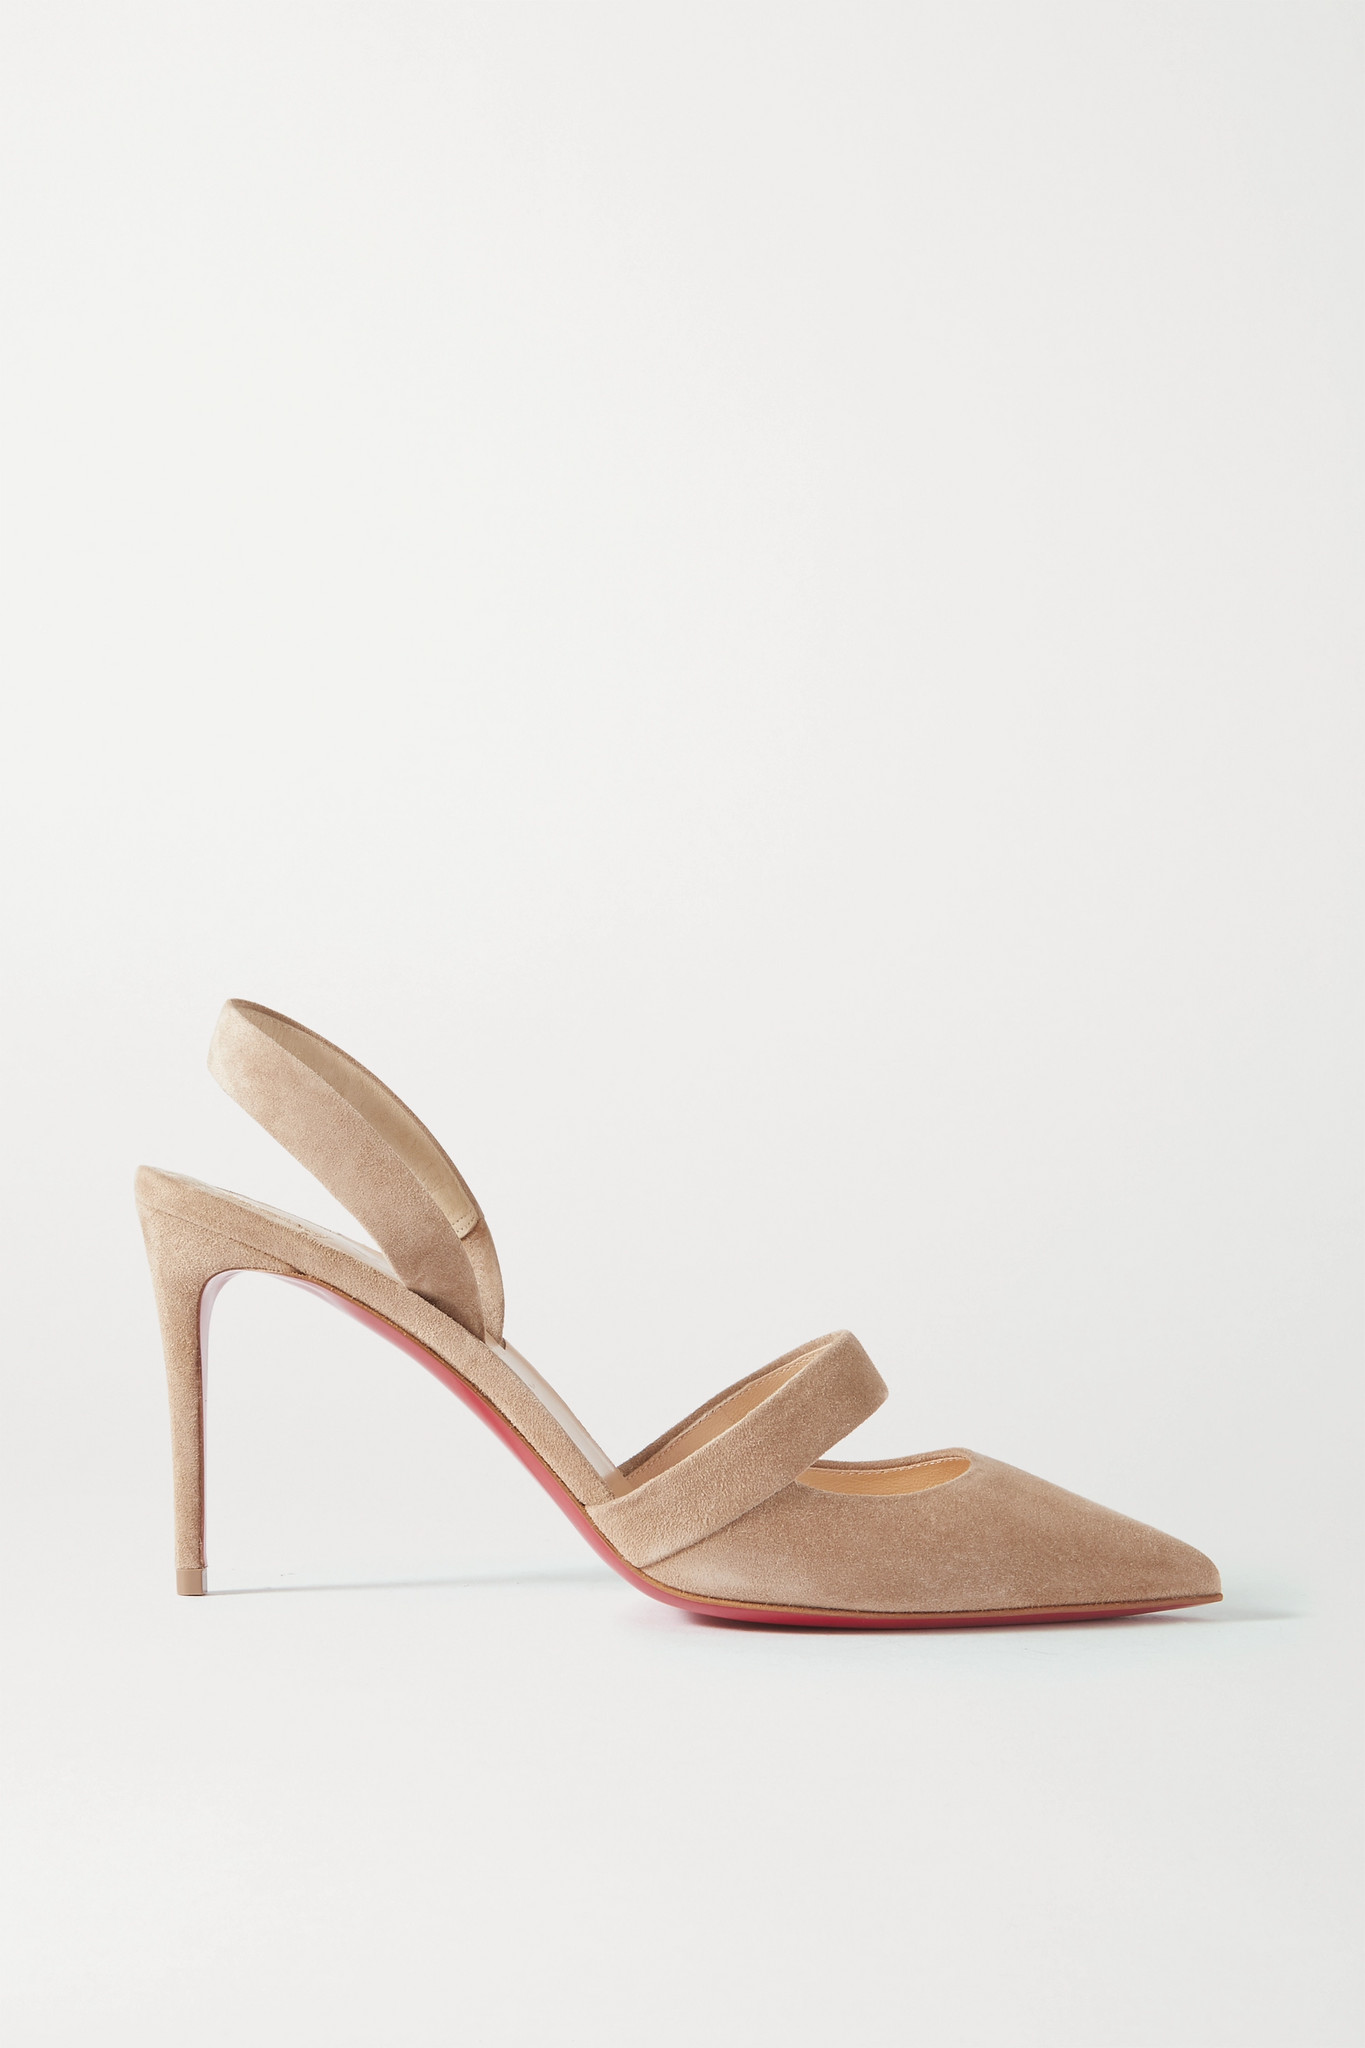 CHRISTIAN LOUBOUTIN - Actina 85 绒面革露跟高跟鞋 - 中性色 - IT35.5